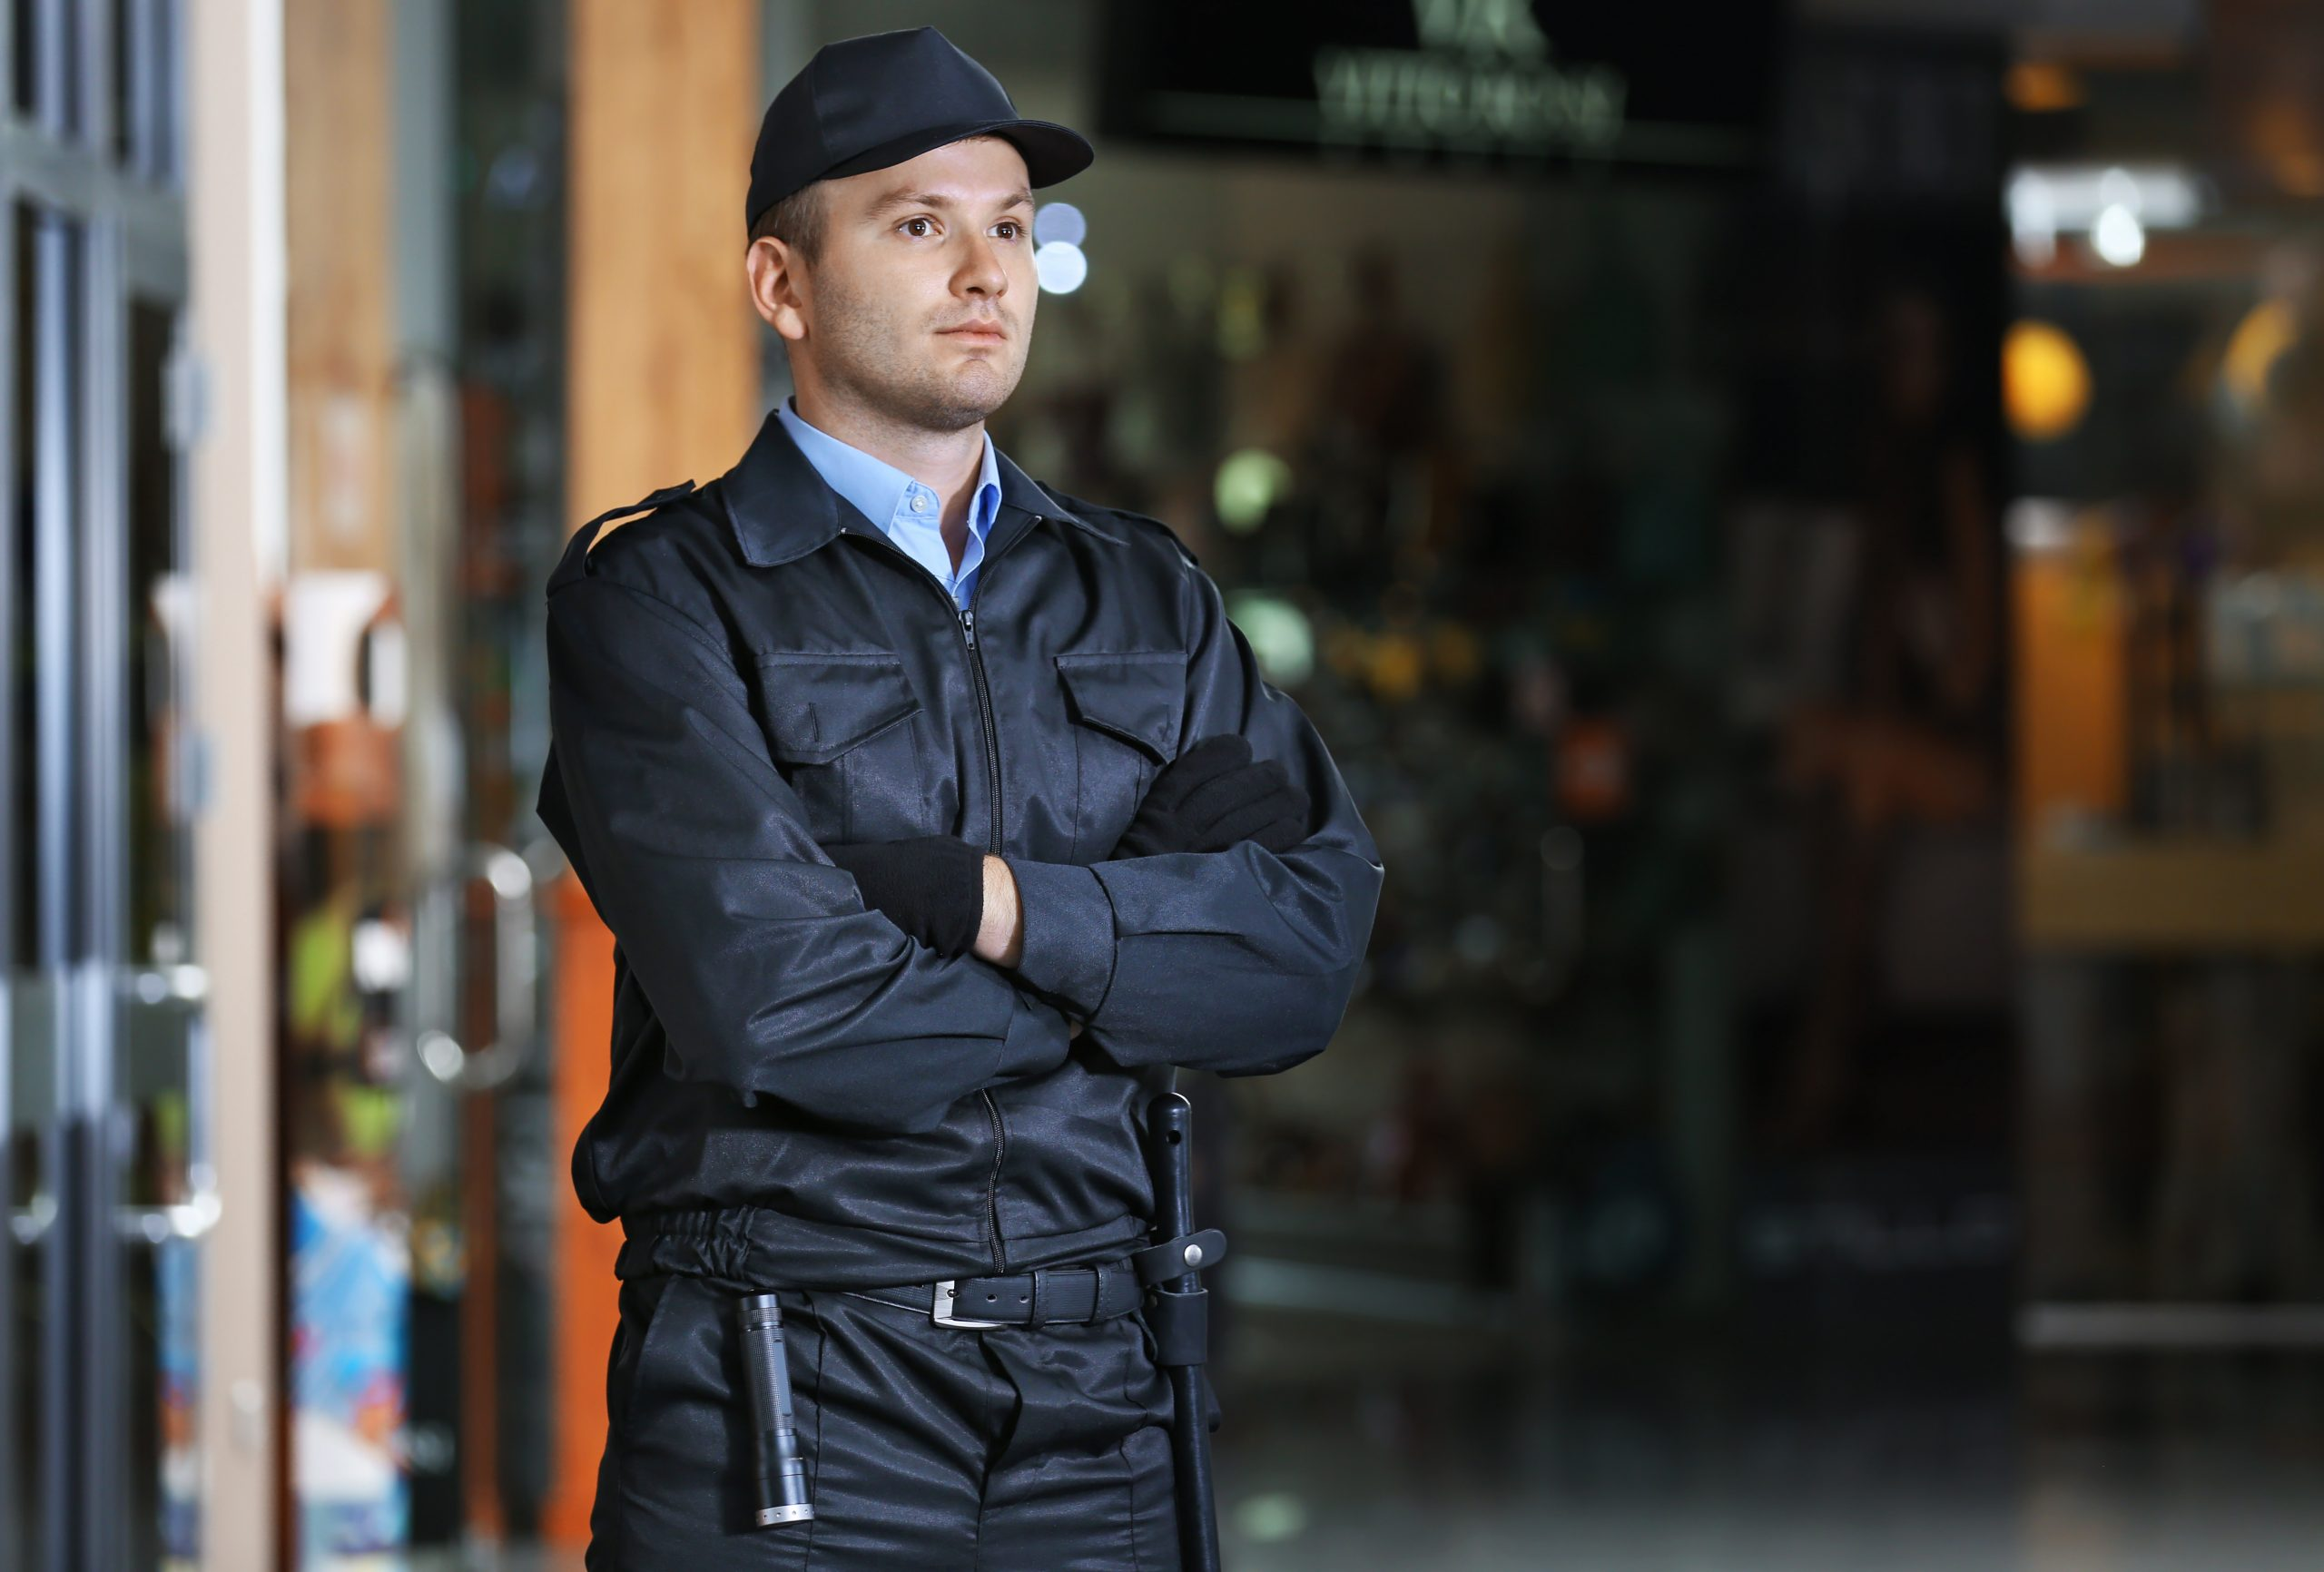 Security,Man,Standing,Indoors